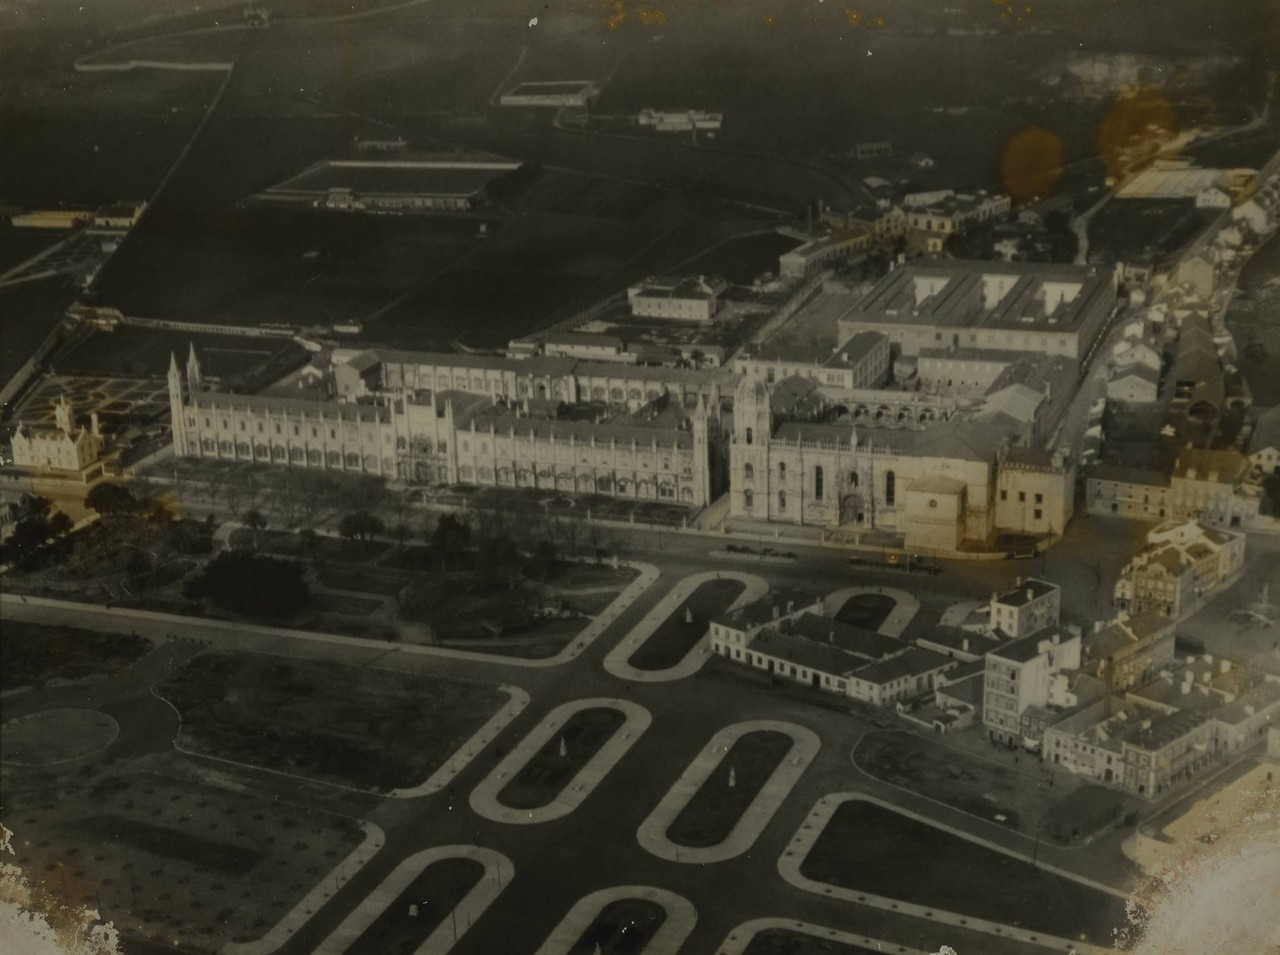 Fotografia aérea sobre o Mosterio dos Jerónimos